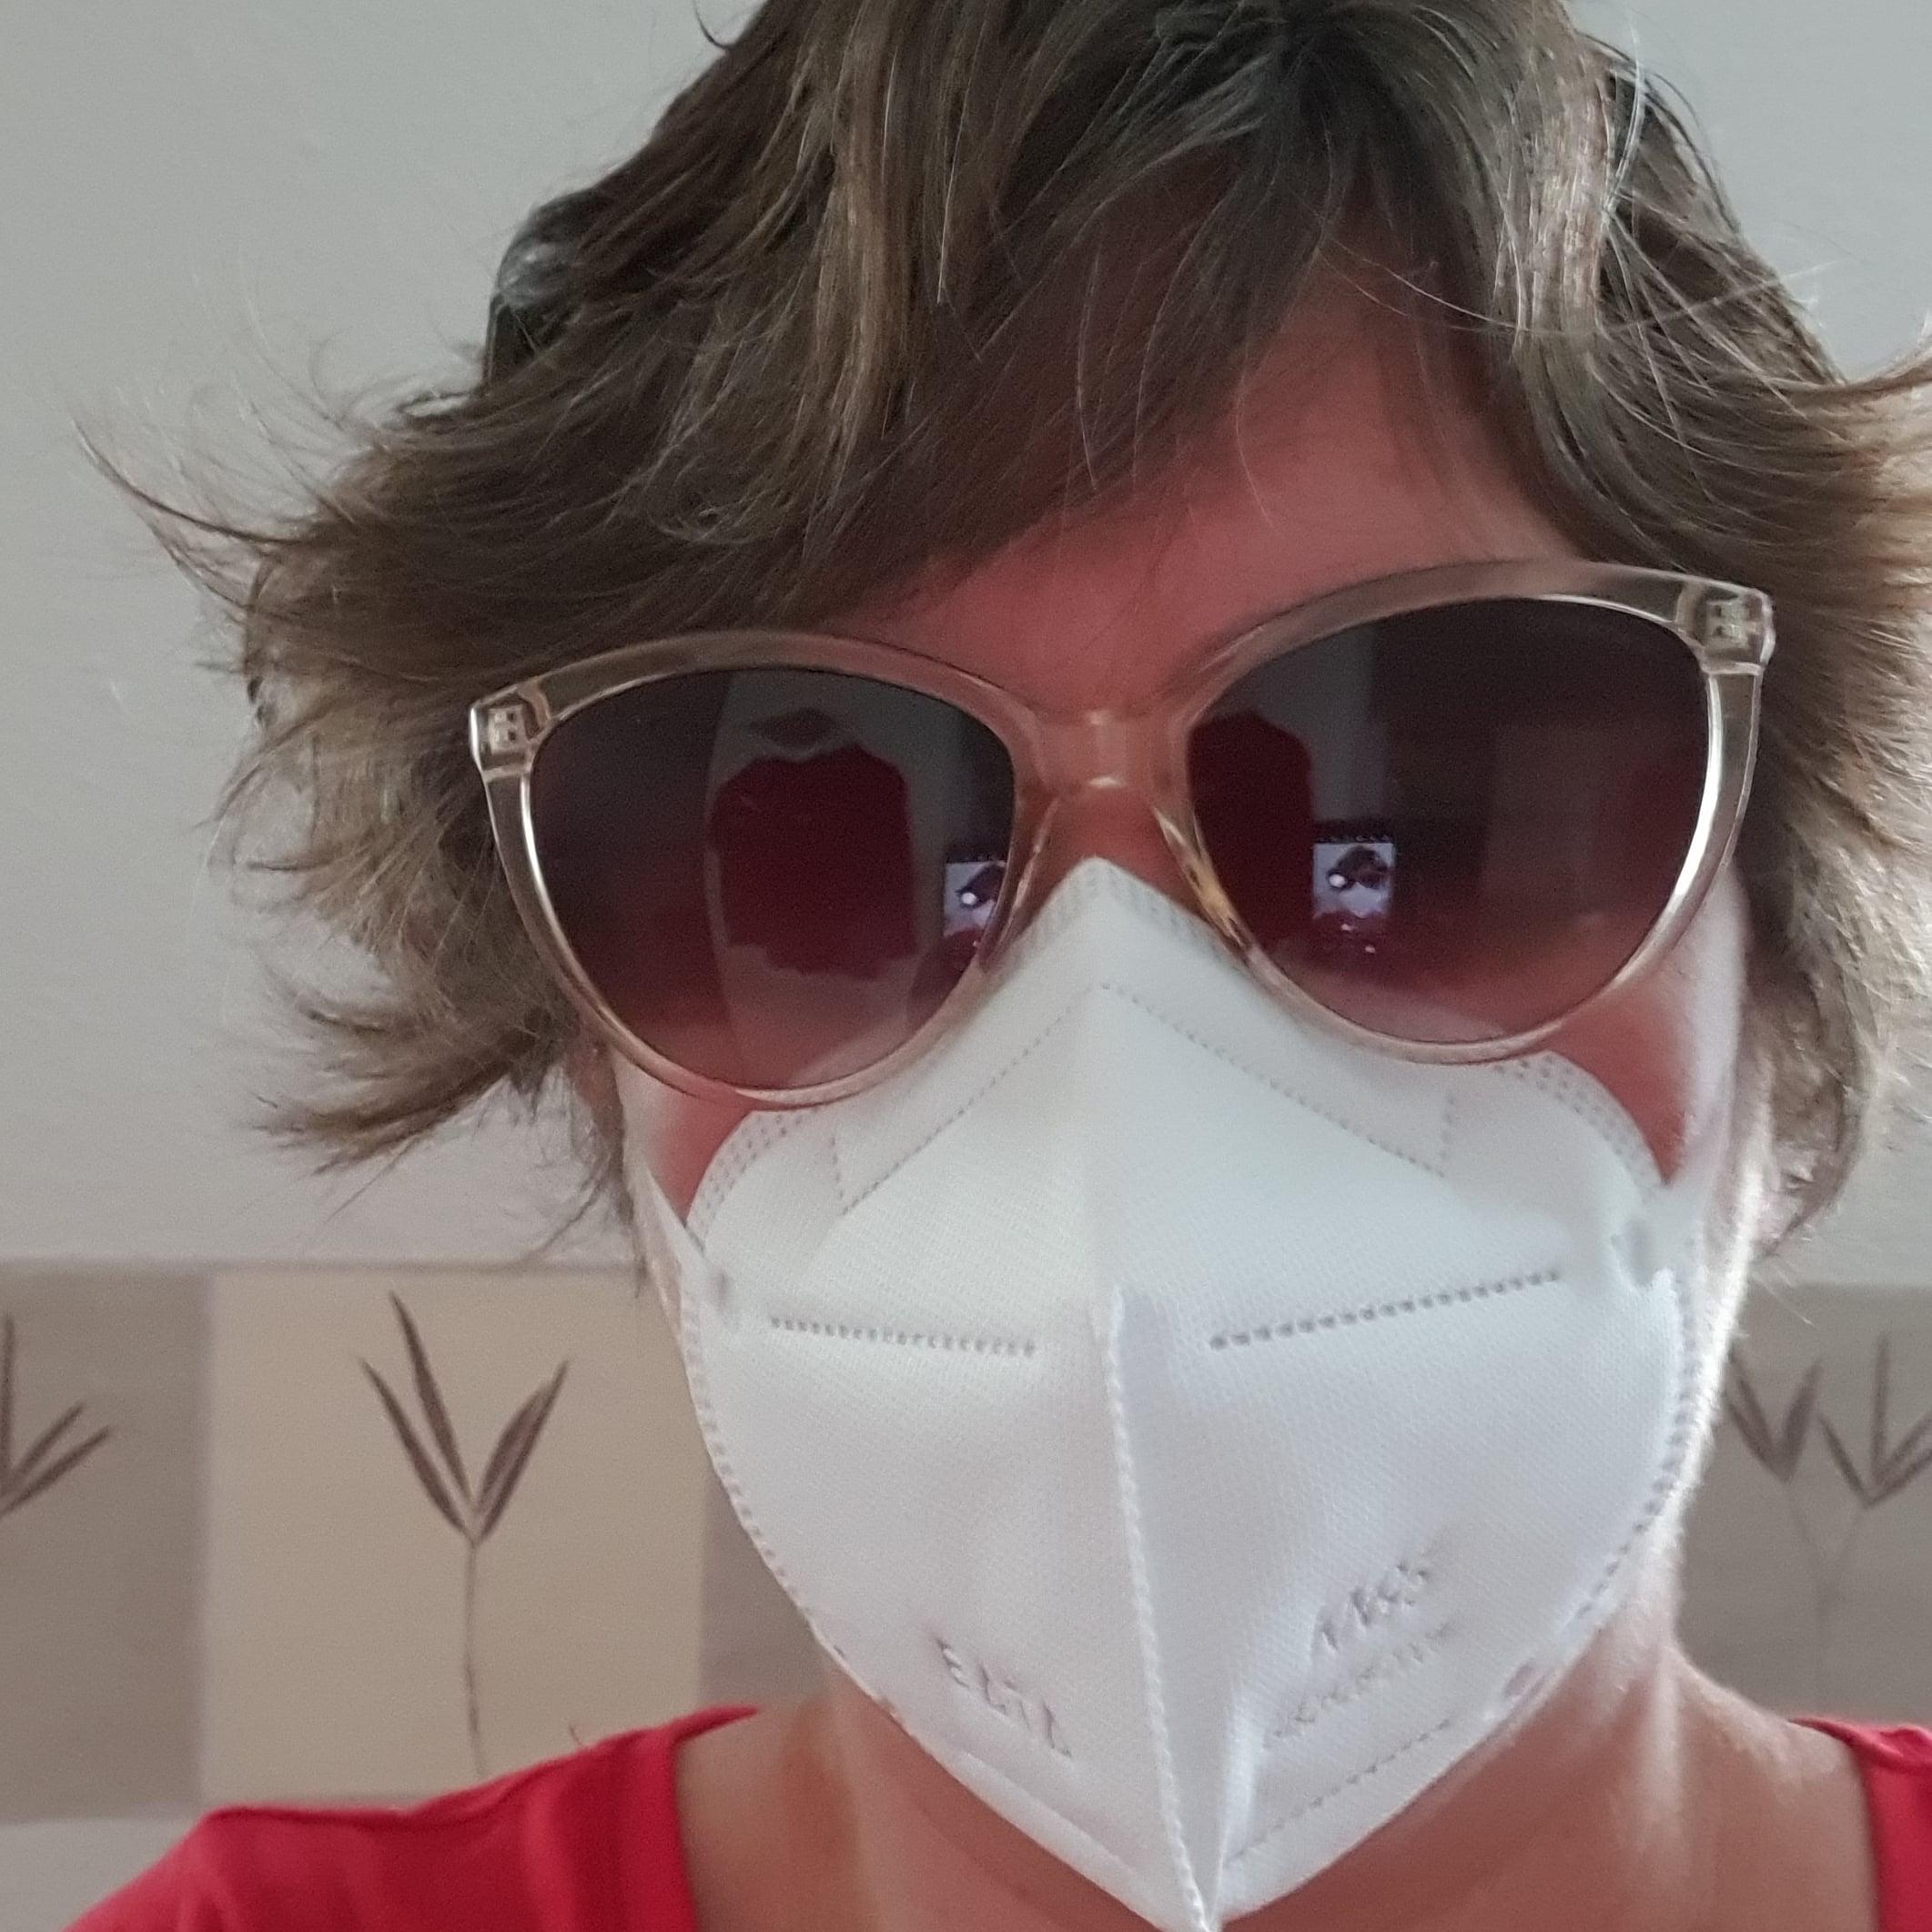 vrouw met masker en zonnebril